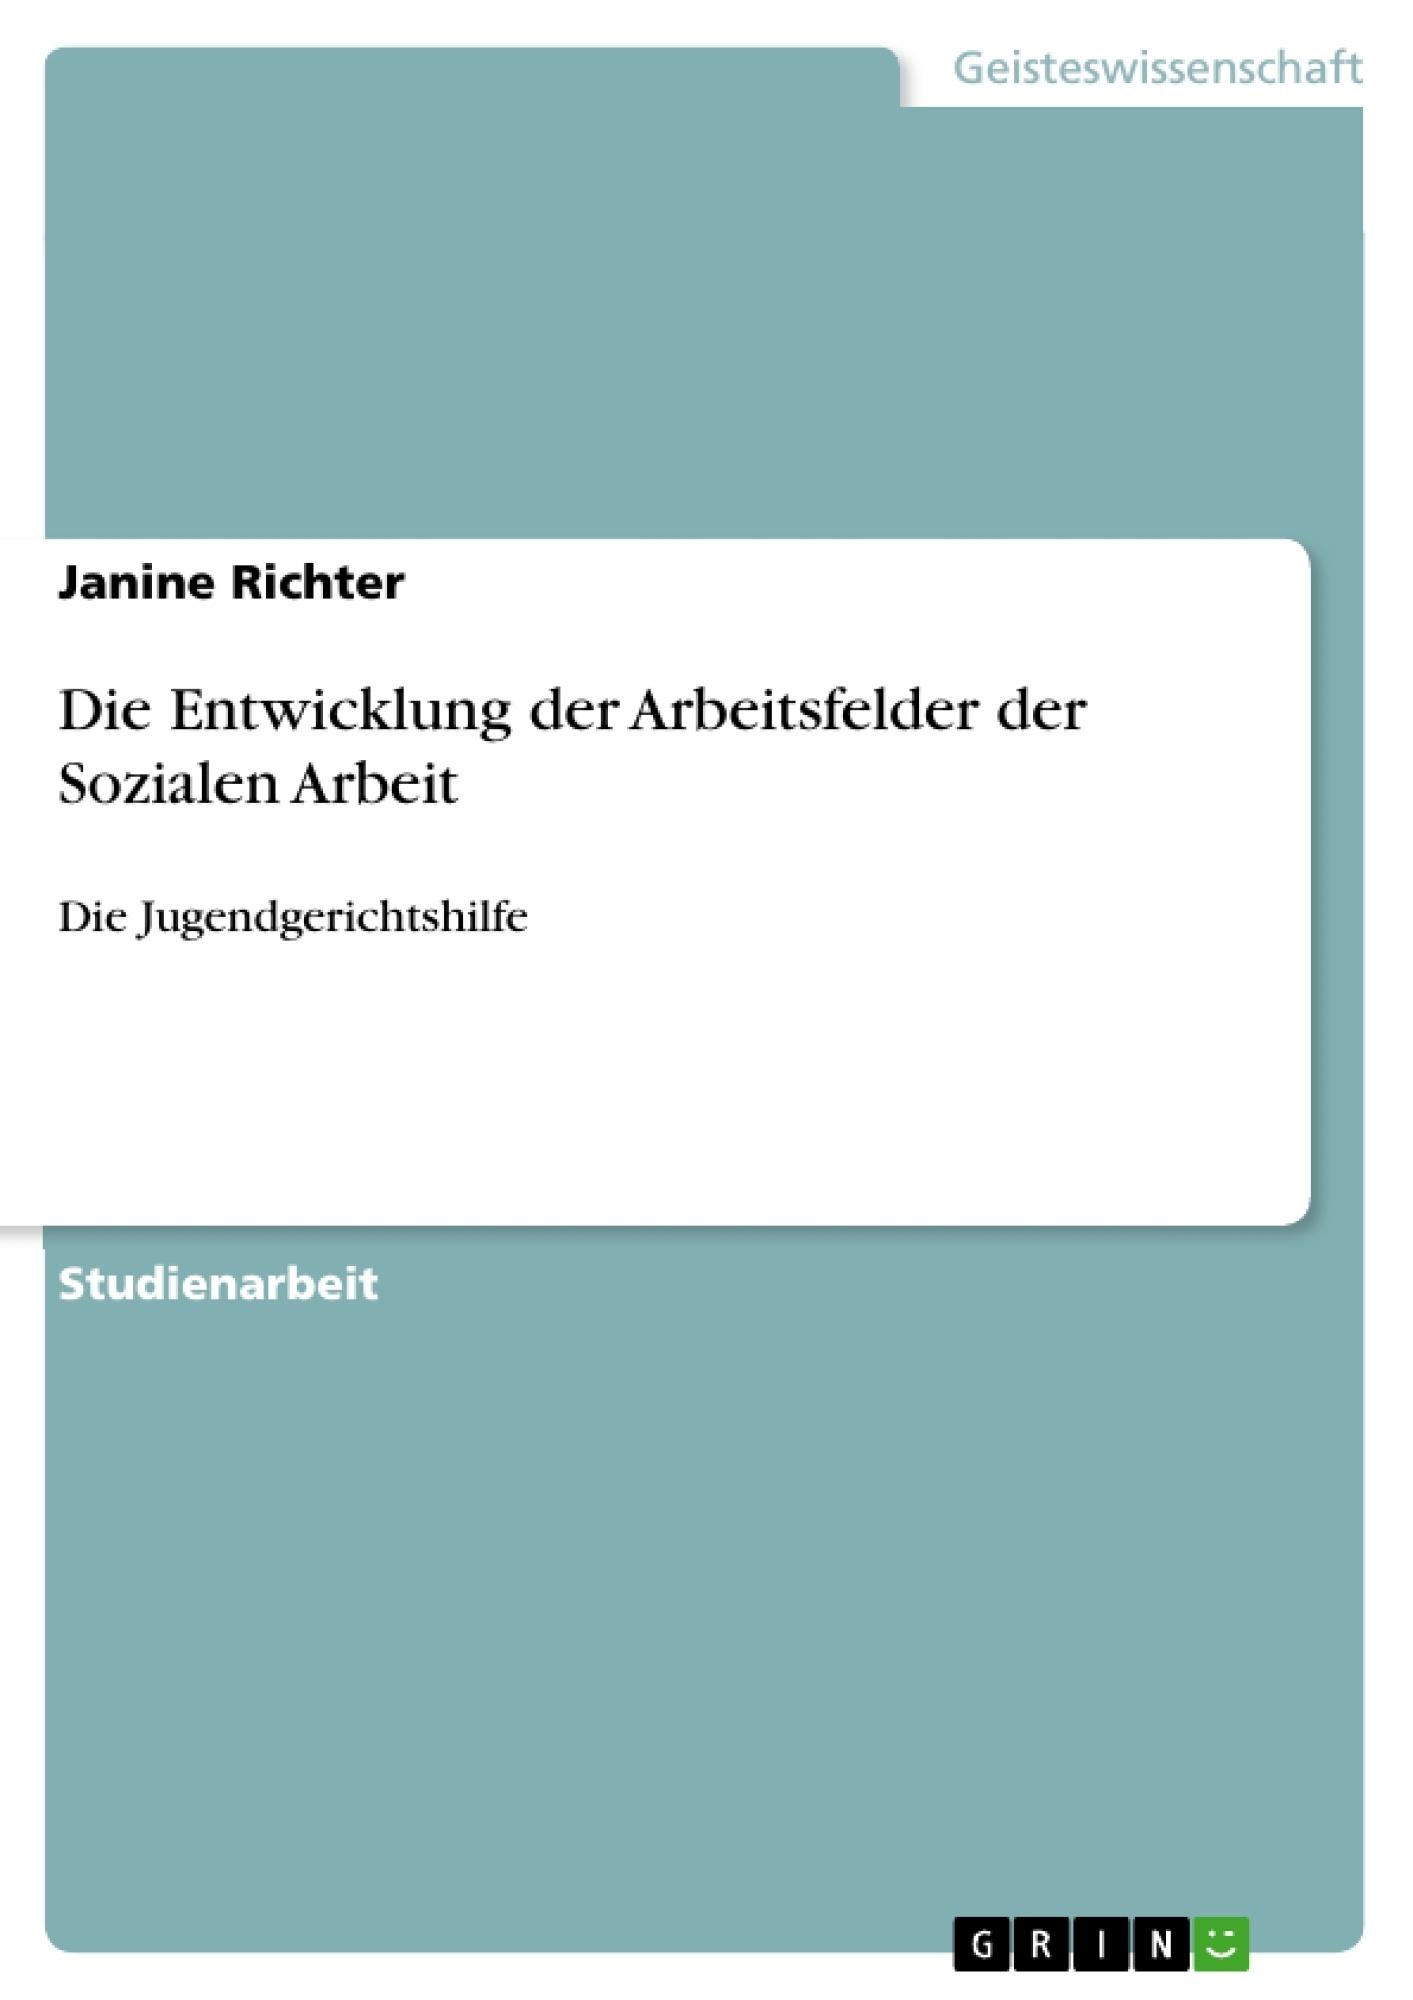 Titel: Die Entwicklung der Arbeitsfelder der Sozialen Arbeit